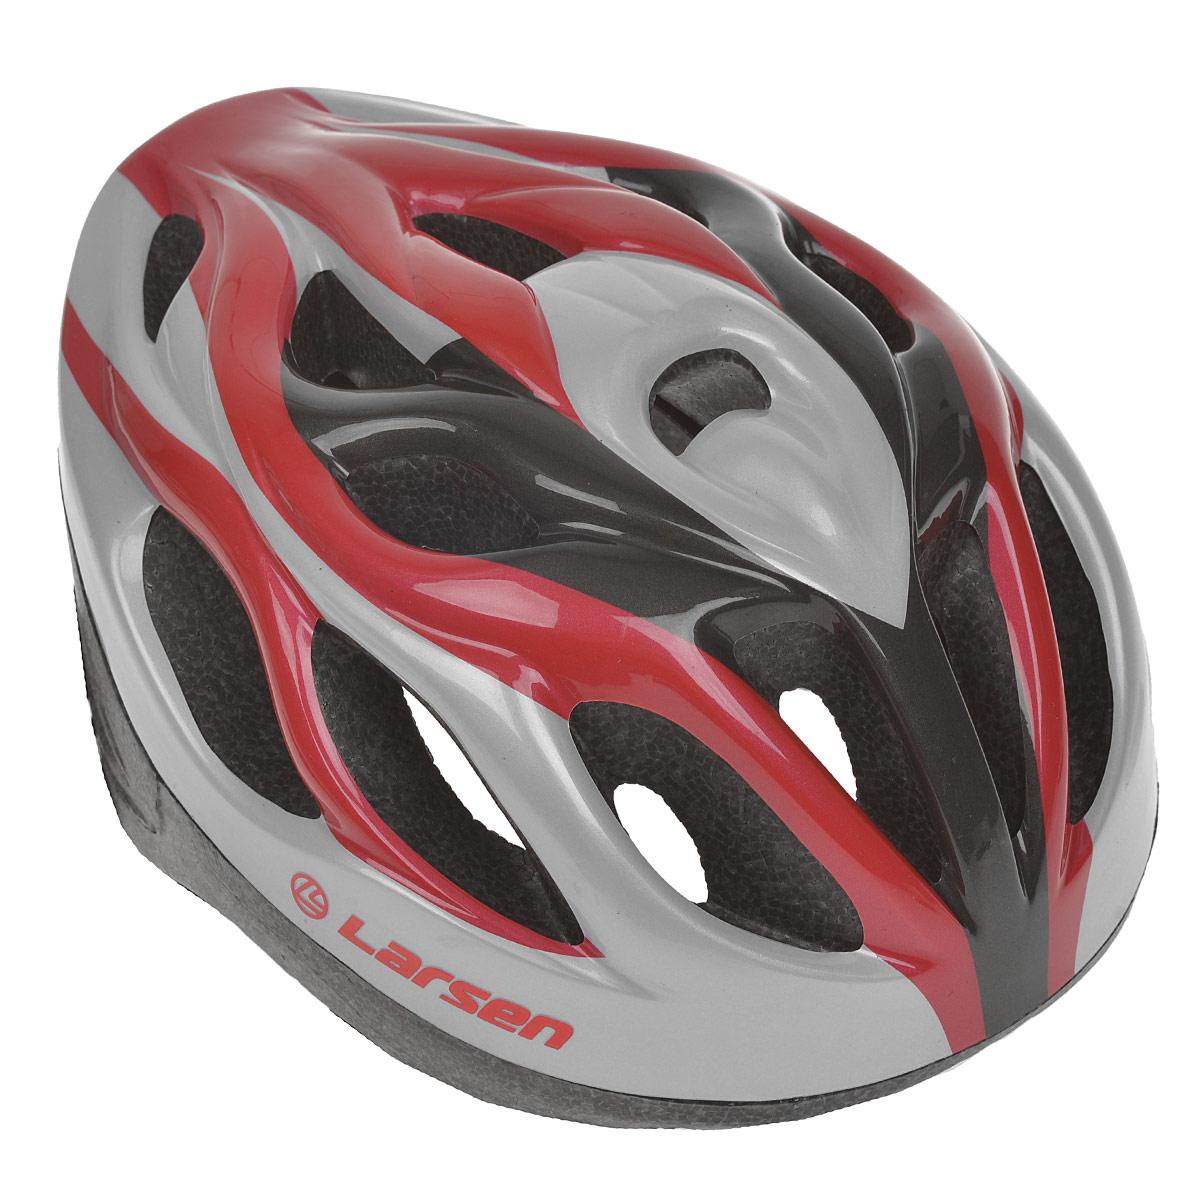 Шлем роликовый Larsen H3BW, цвет: красный, серебристый. Размер L (54-57 см)286910Надежный роликовый шлем Larsen H3BW сделает ваш активный отдых безопасным. Шлем выполнен из прочного пластика и отлично защищает от травм. Внутренняя сторона шлема оснащена мягкими текстильными накладками, которые обеспечивают надежное прилегание шлема и комфорт при использовании. Шлем имеет систему систему вентиляции. Он отлично сядет по голове, благодаря регулируемым ремешкам и практичному механическому регулятору. Роликовый шлем станет незаменимым дополнением для полноценного летнего отдыха и занятия активными видами спорта.